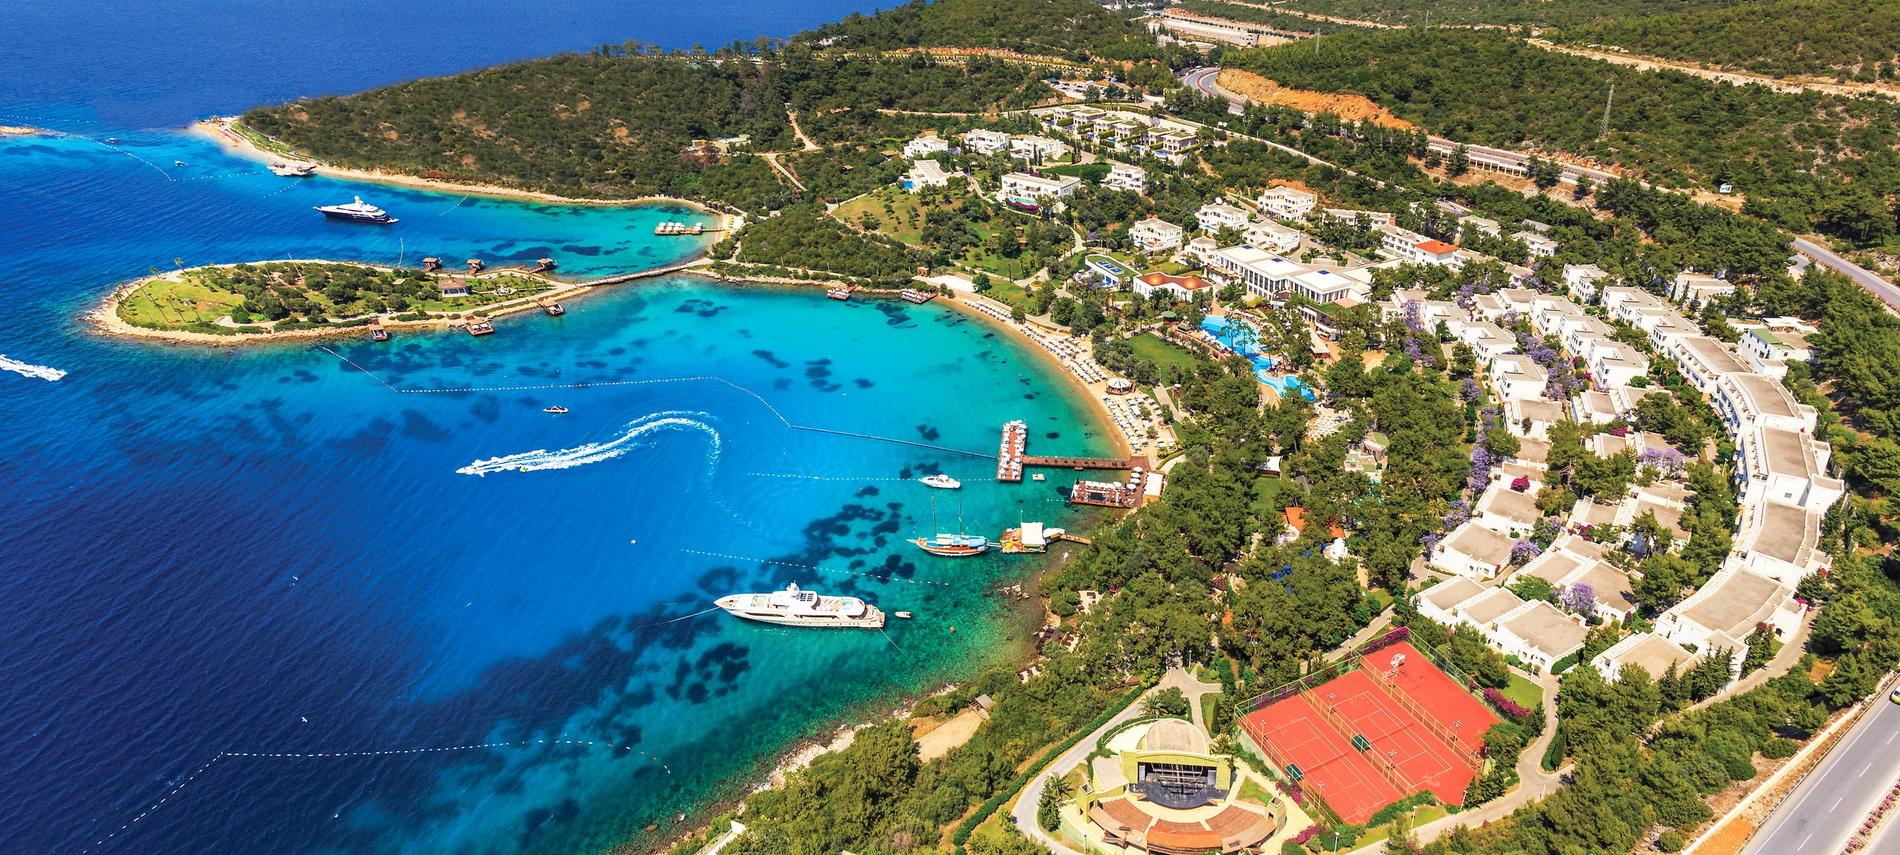 Забудьте про Францию и Италию: Макакизи на Турецкой ривьере – вот где вы должны быть этим летом